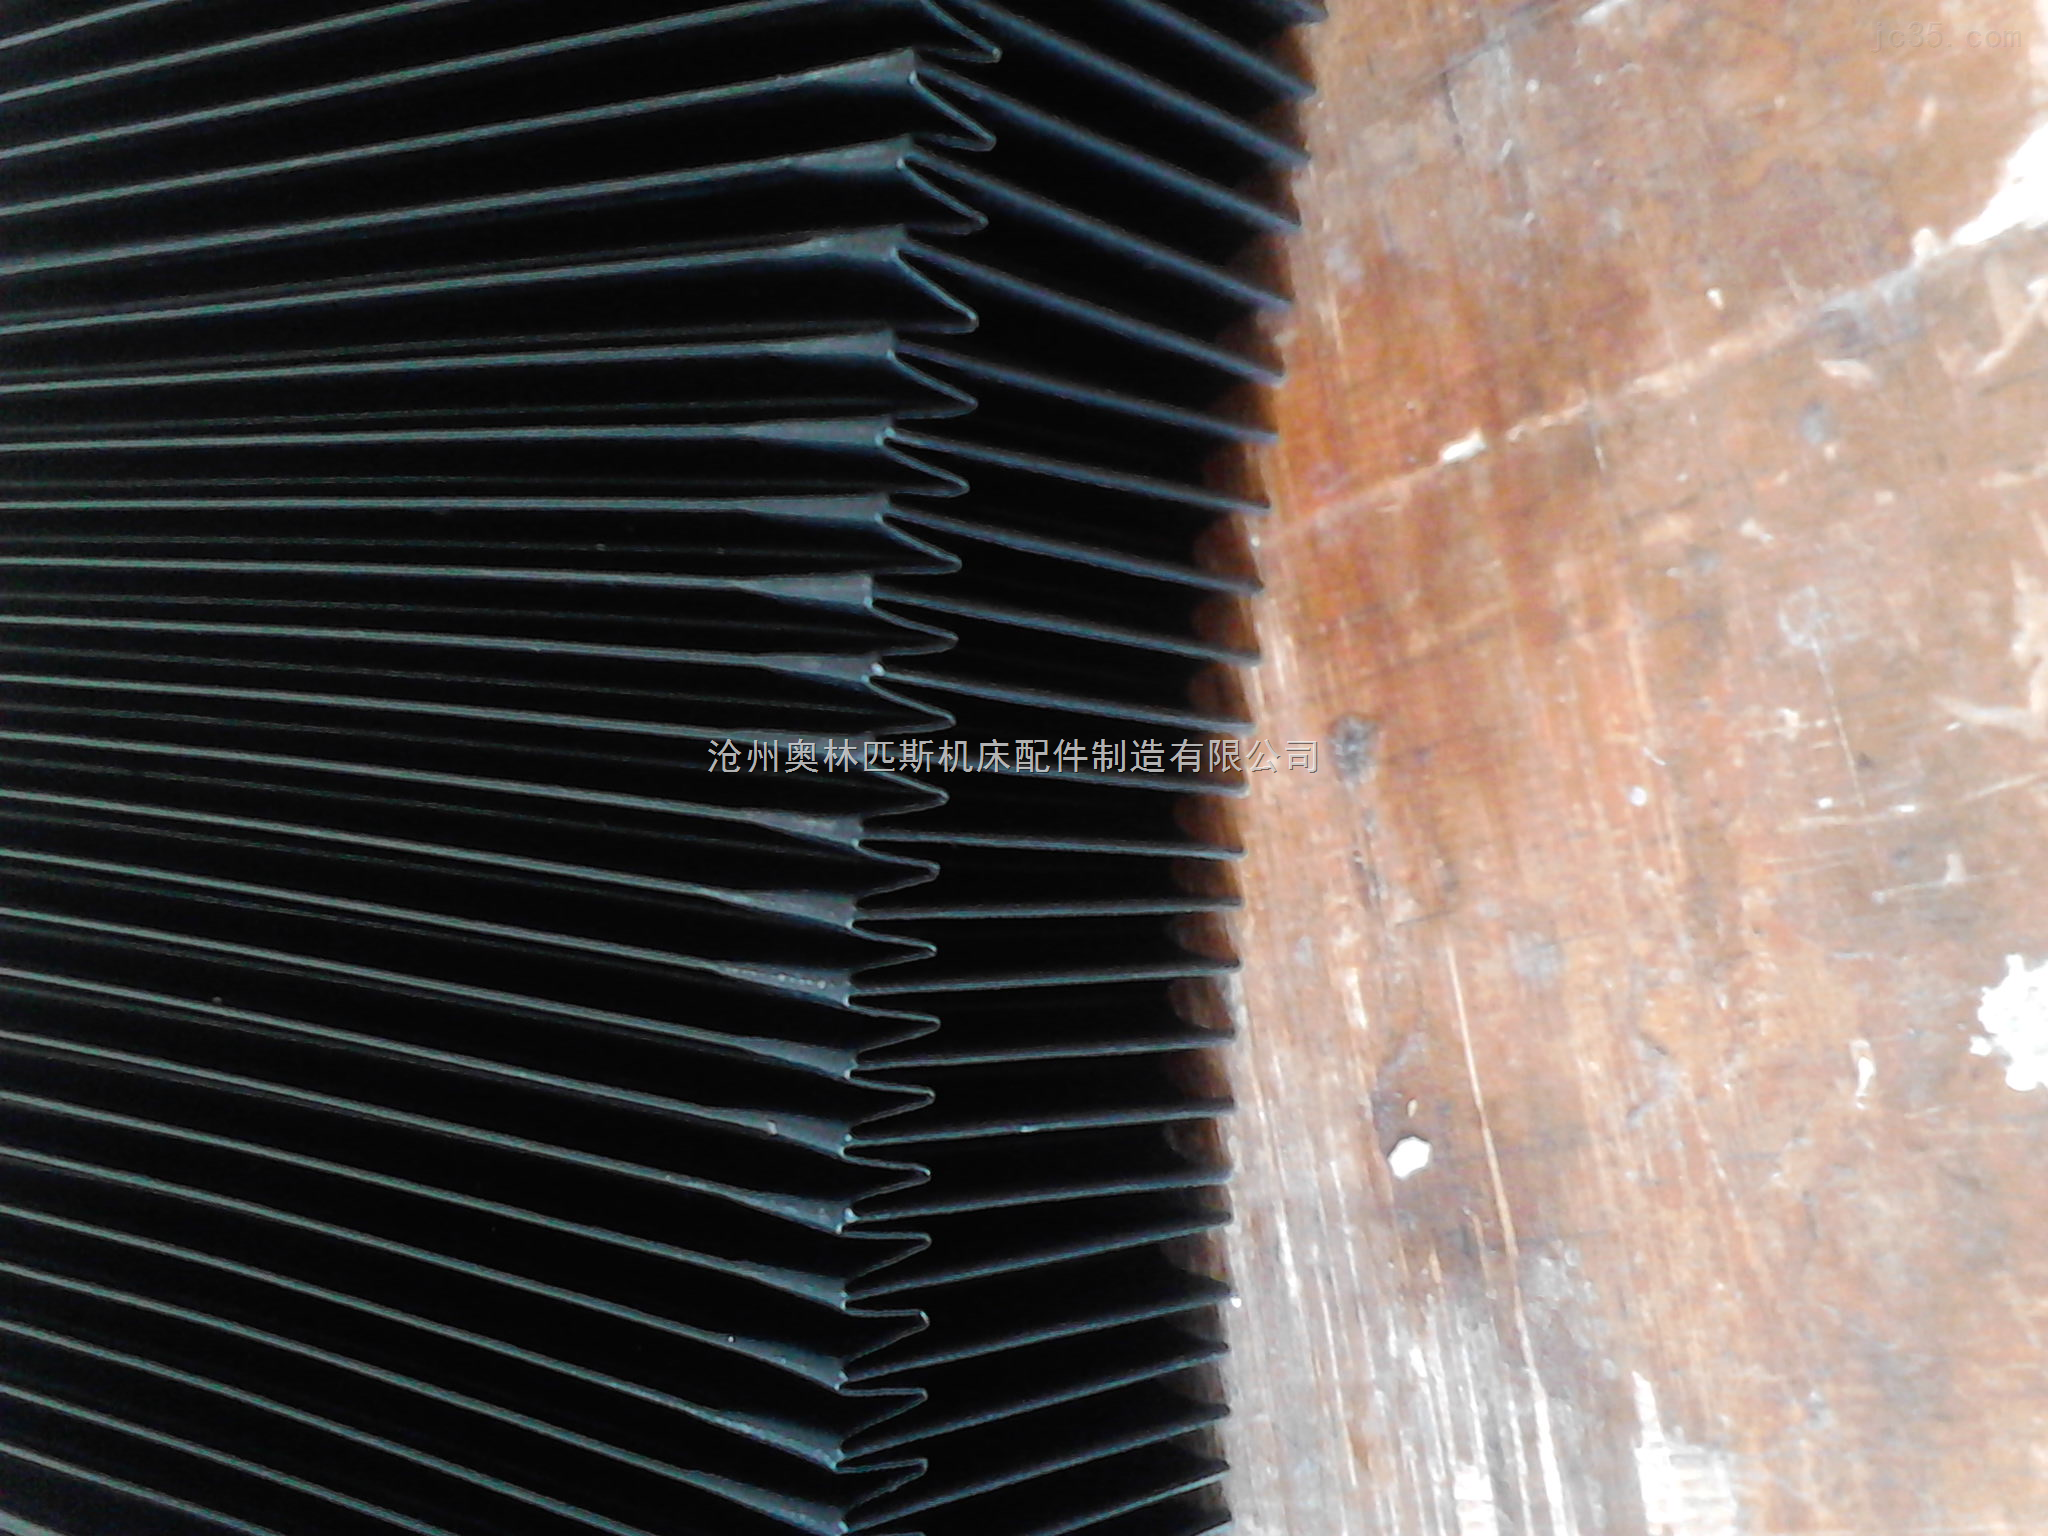 奥林匹斯风琴防护罩系列,PVC风琴防护罩